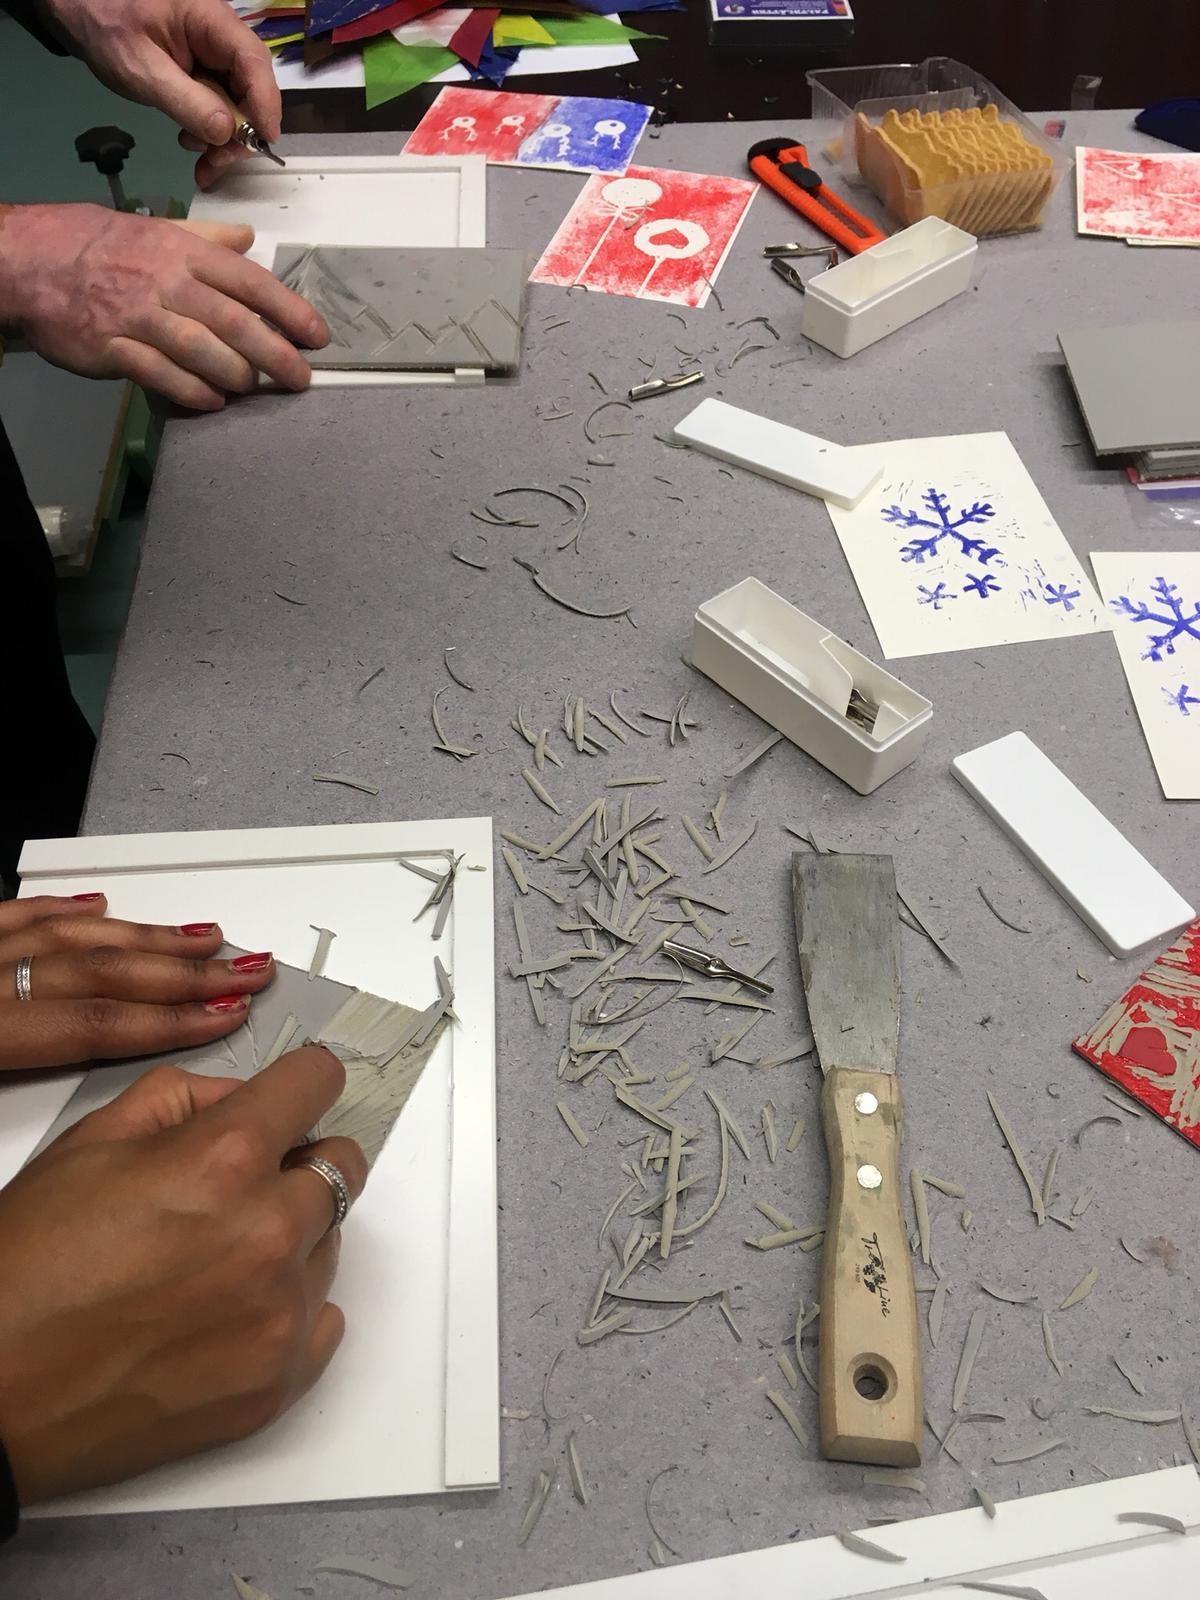 Teilnehmer arbeiten die Motive aus den Linnolplatten heraus